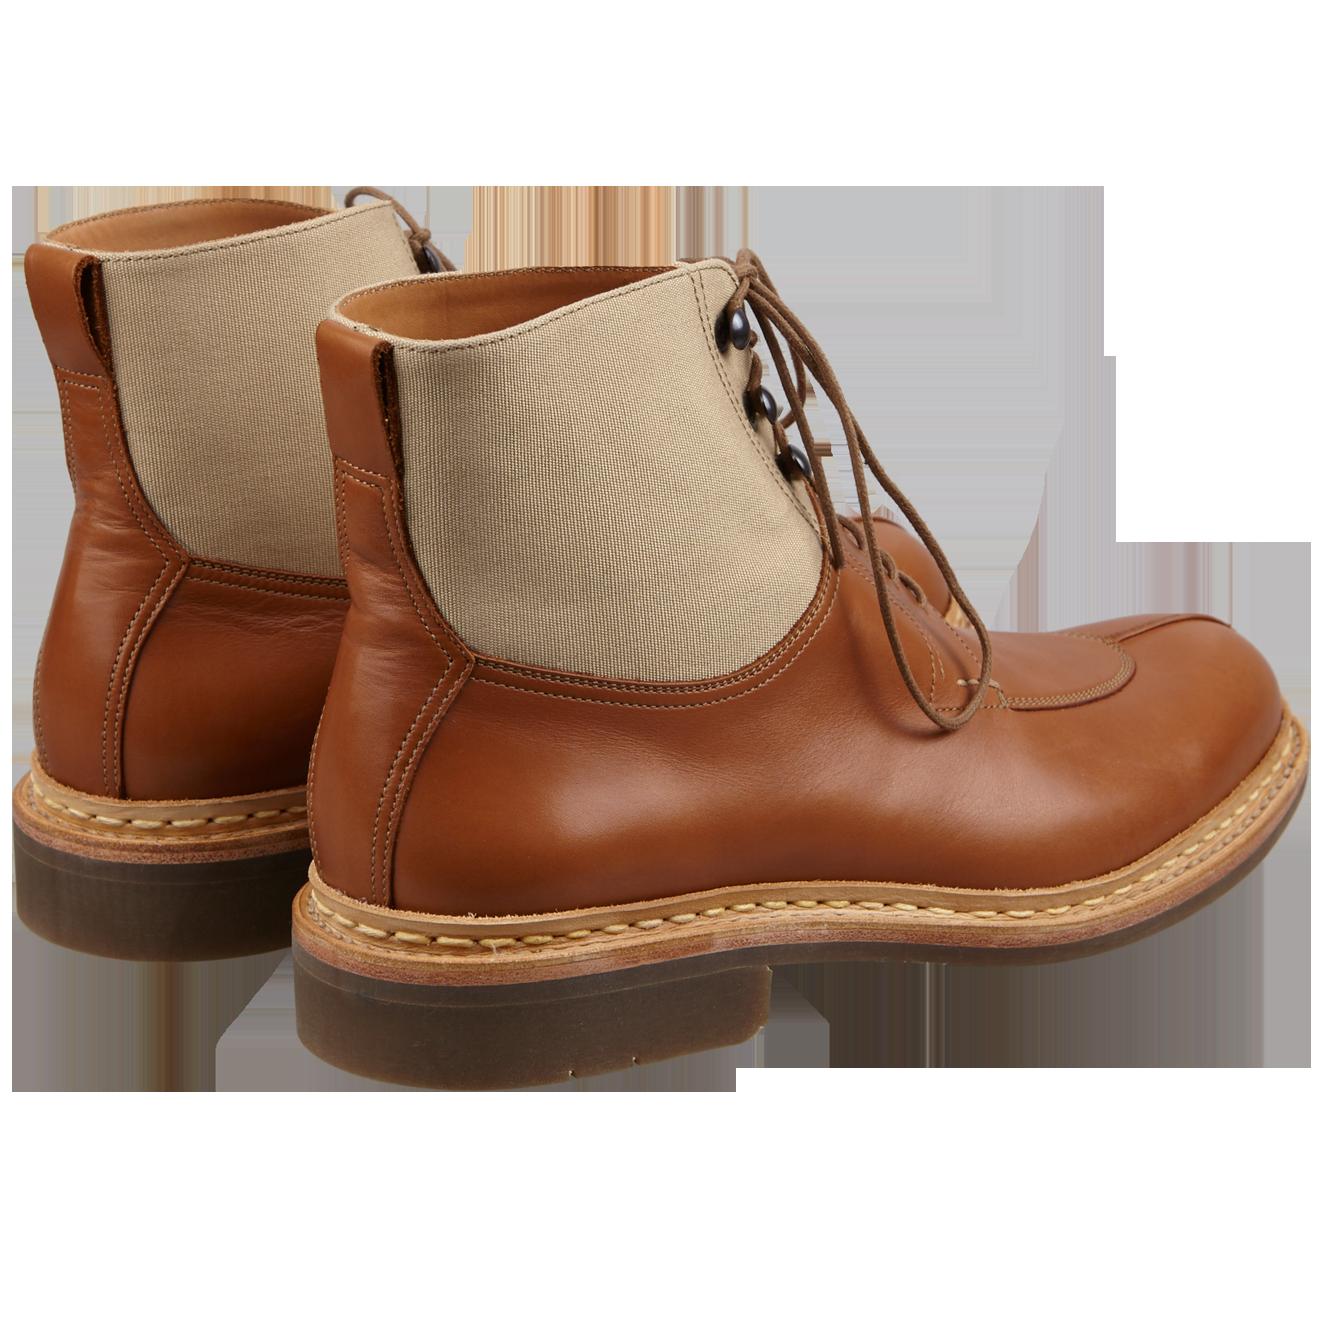 Heschung Ginkgo Boots Gold Back